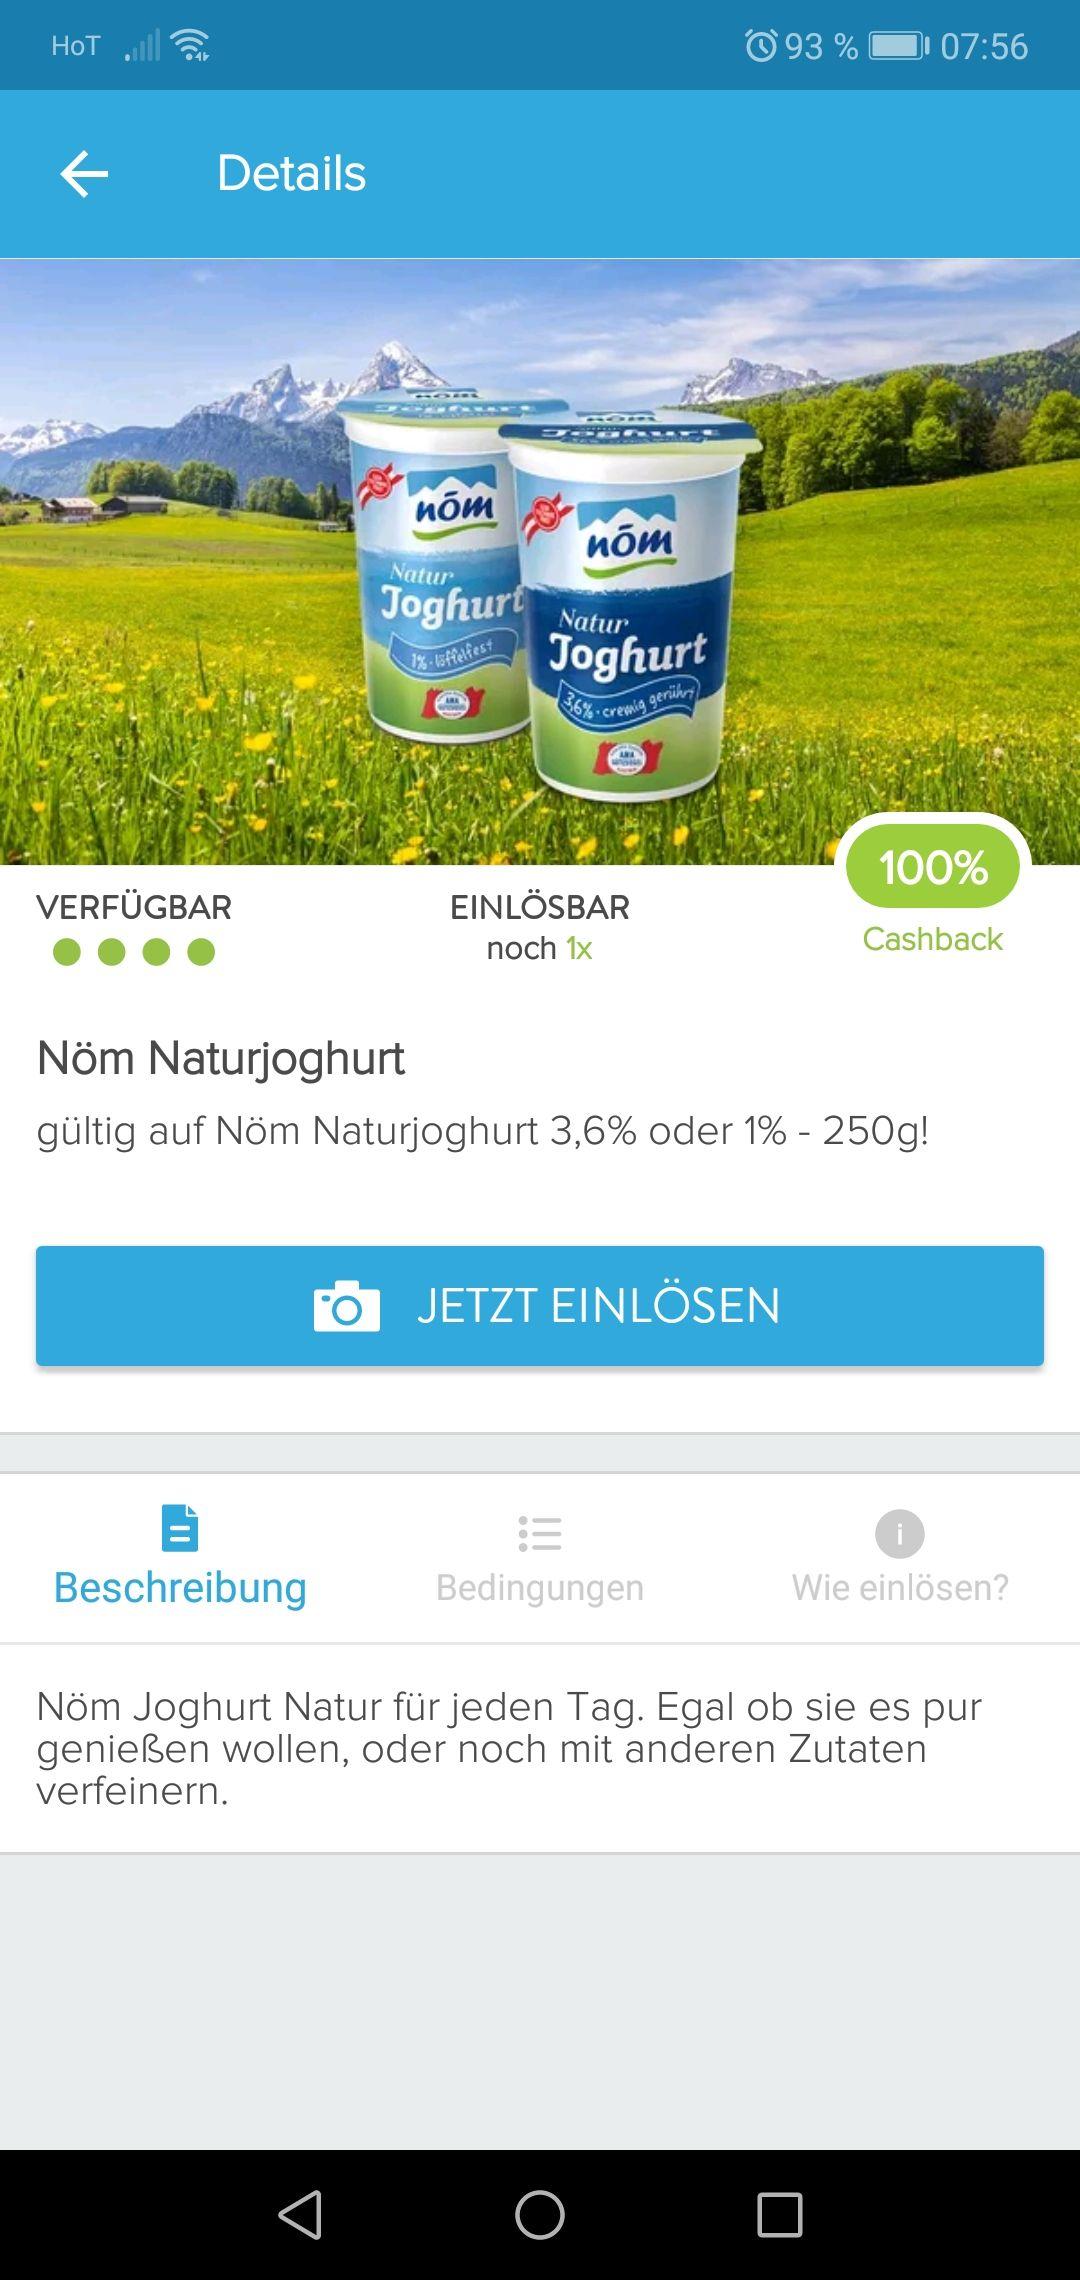 Marktguru Nöm Naturjoghurt gratis